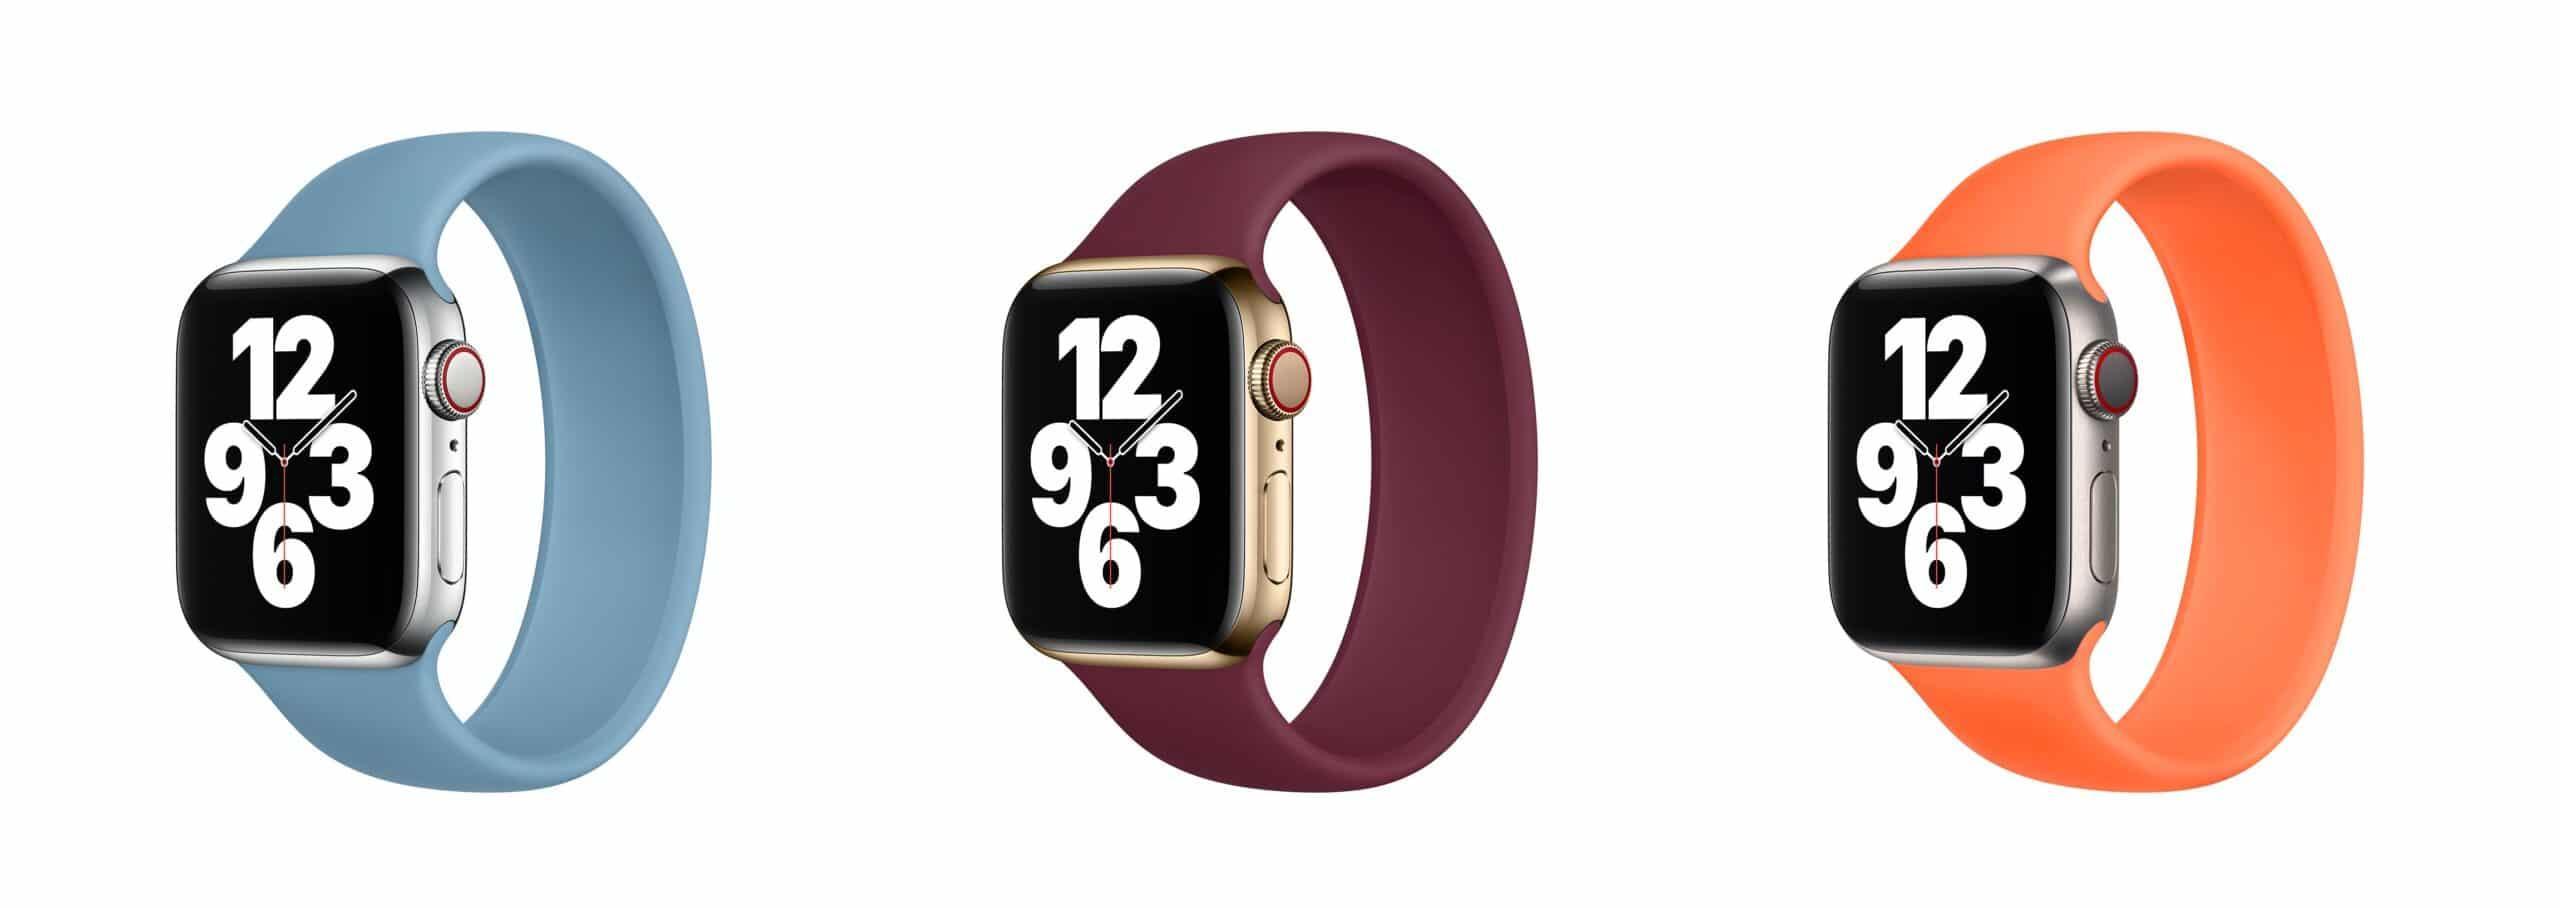 Novas cores de pulseiras para Apple Watch